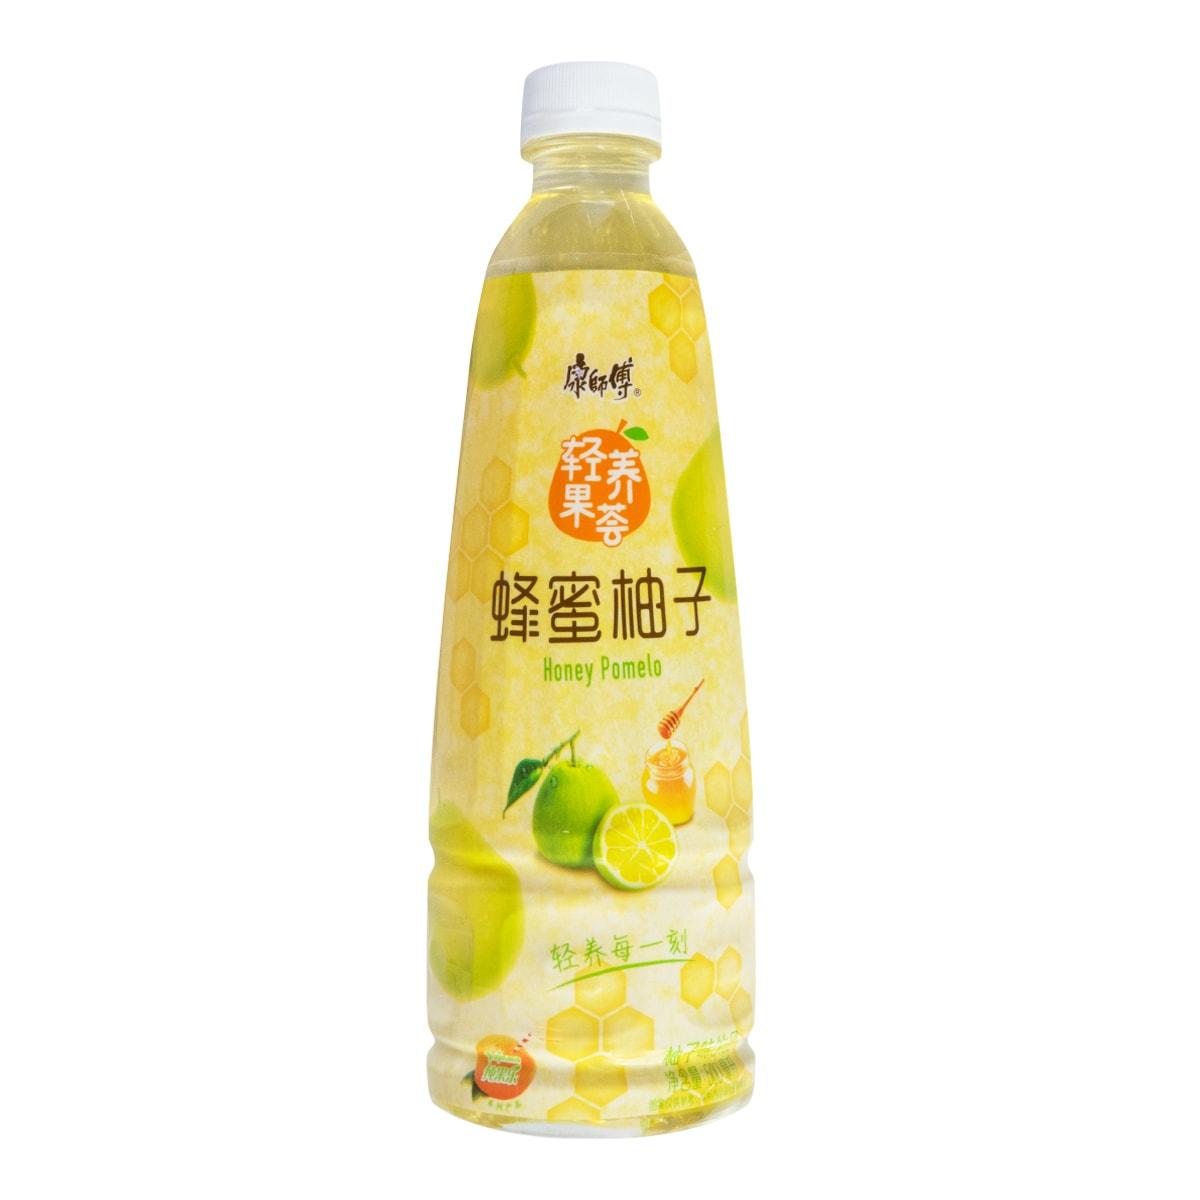 康师傅 蜂蜜柚子茶 500ml